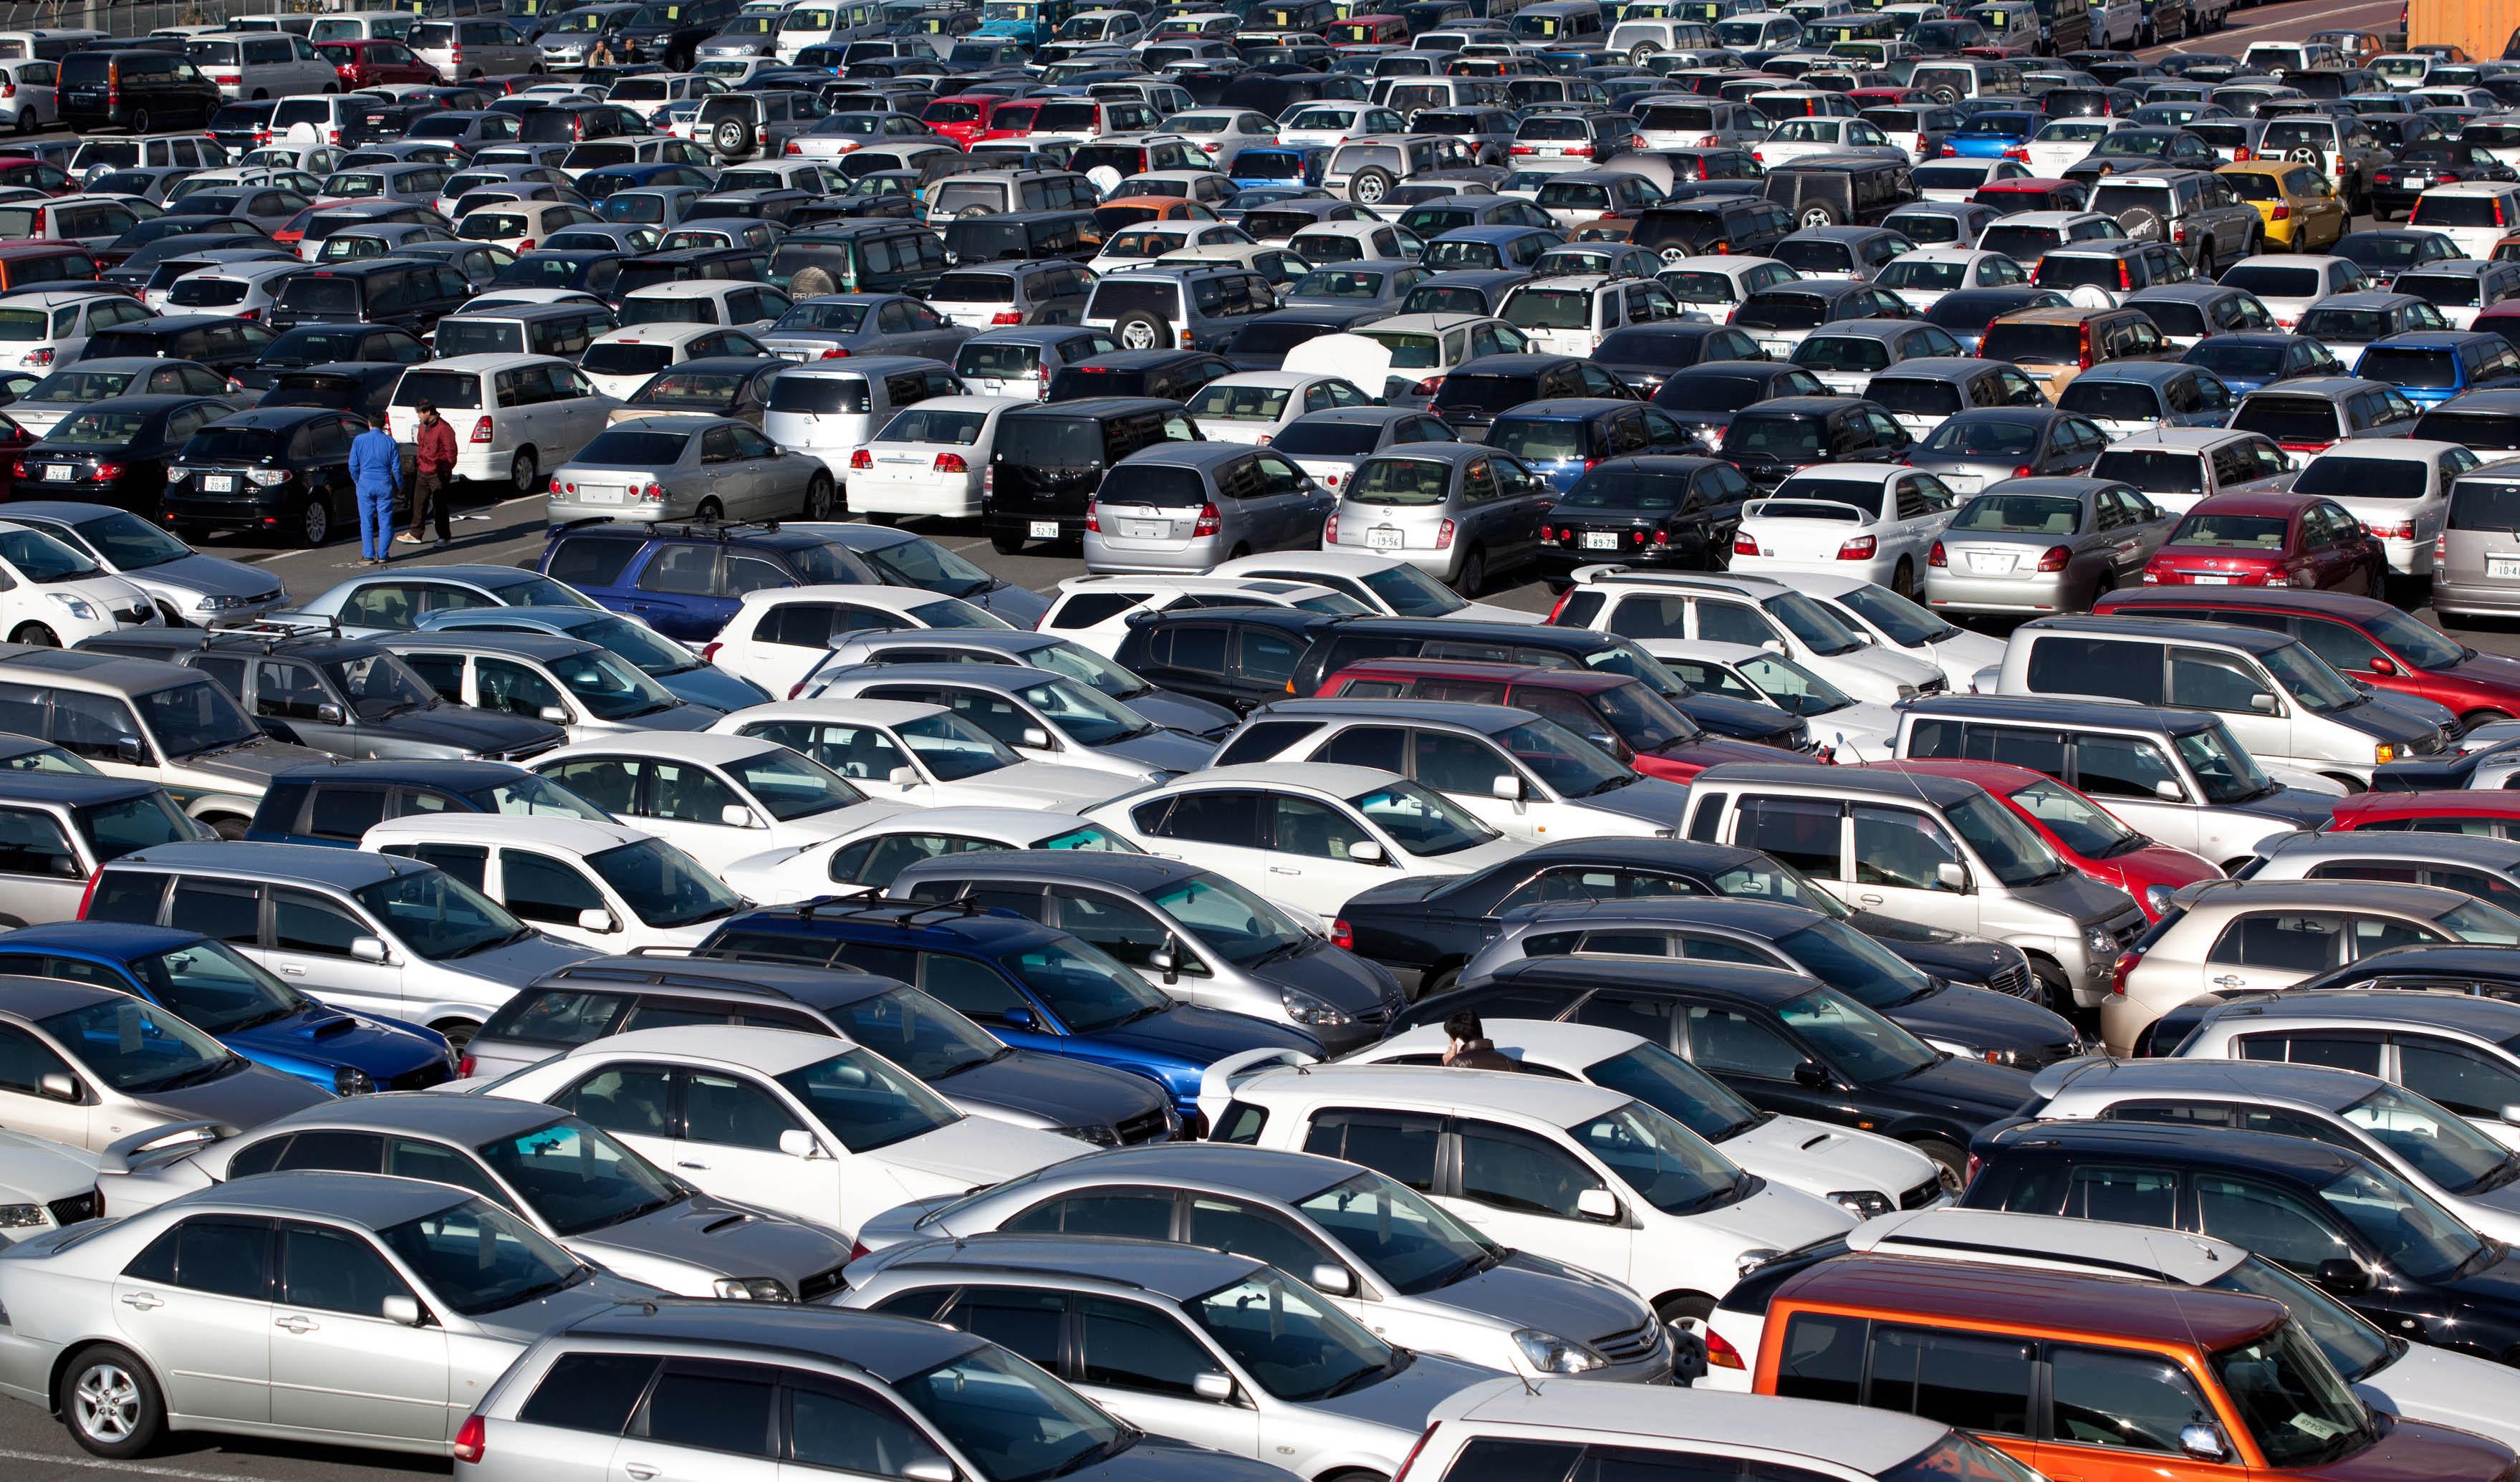 سازمان حمایت بر فرآیند قرعه کشی خودروها نظارت دارد